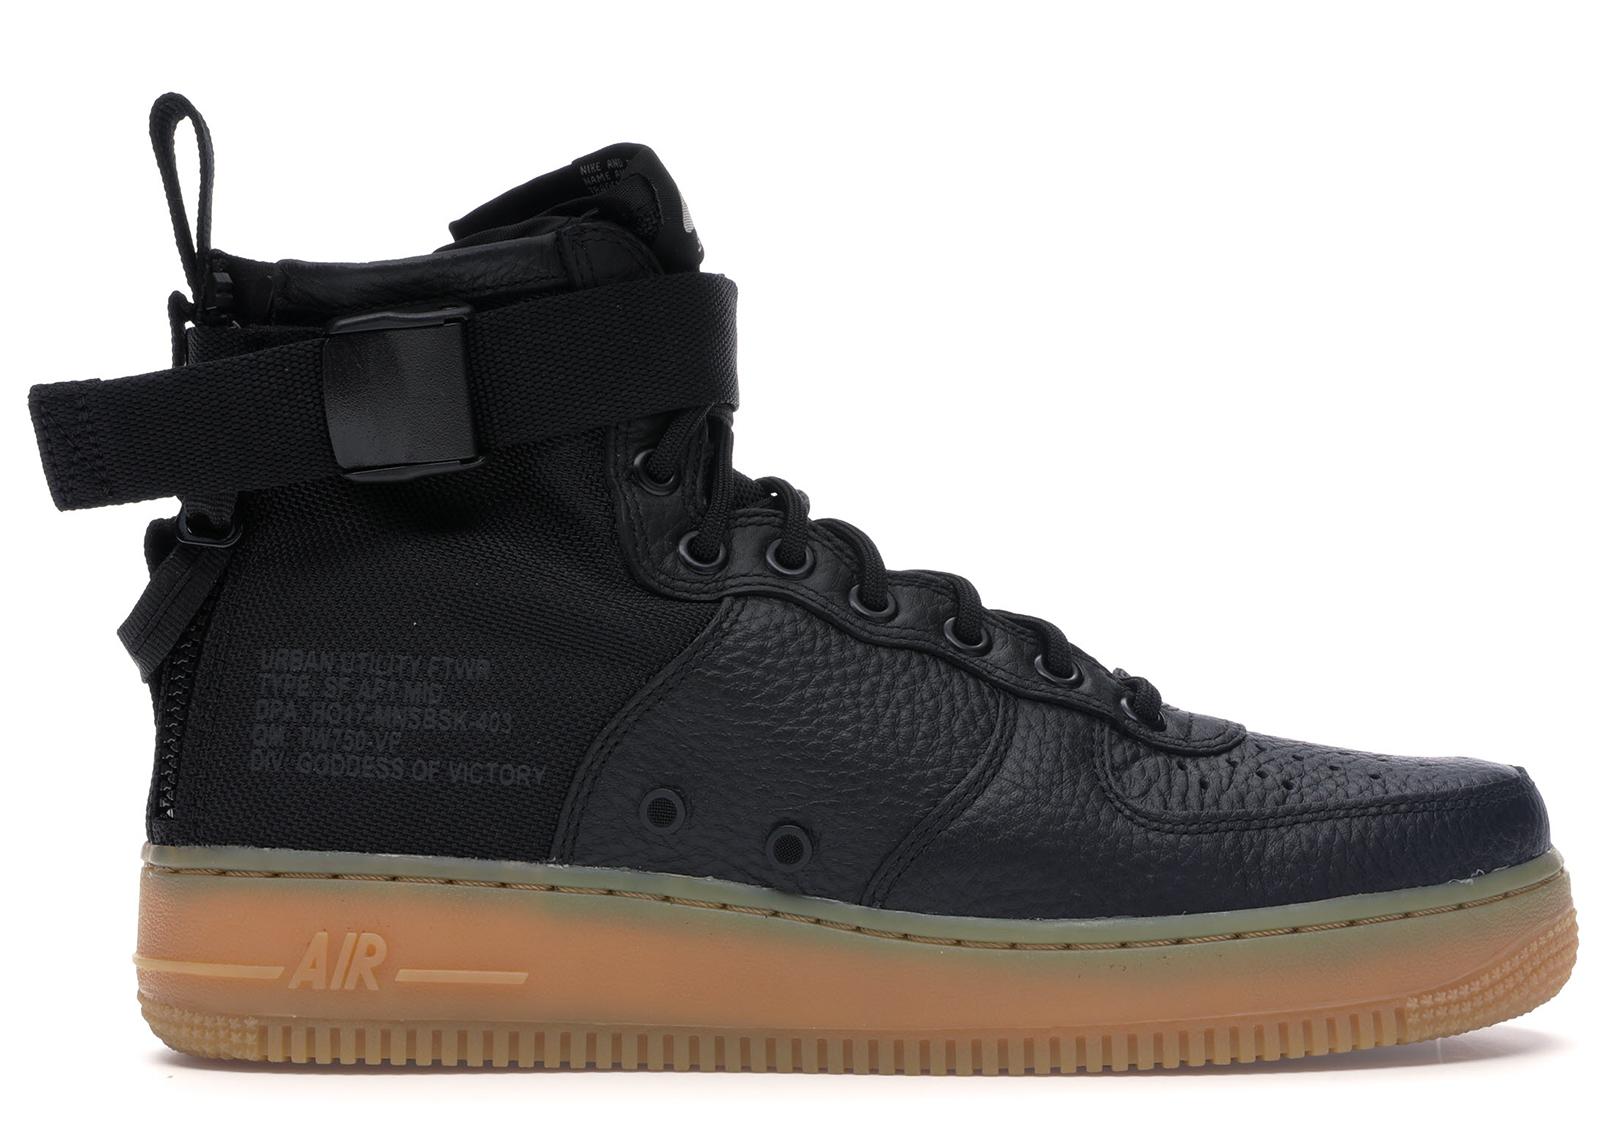 Nike SF Air Force 1 Mid Black Gum